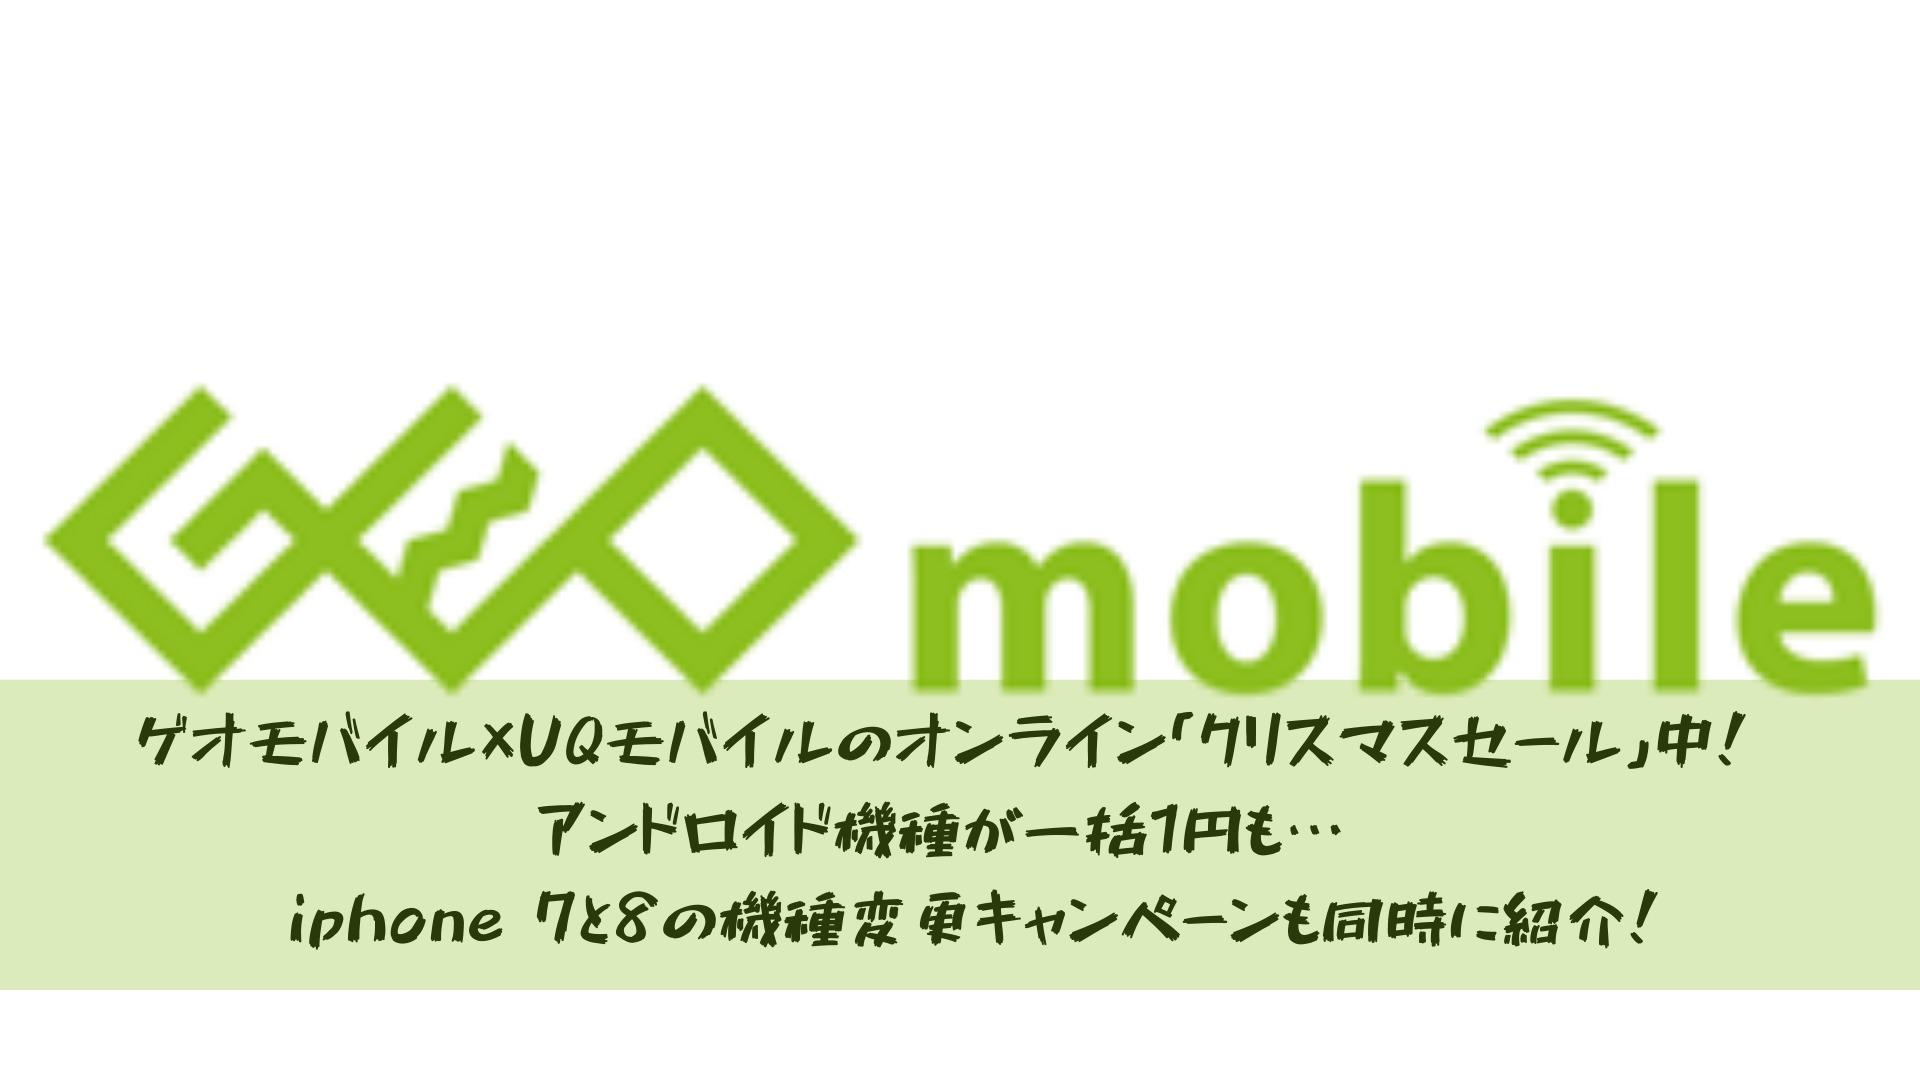 ゲオモバイル×UQモバイルのオンライン「クリスマスセール」中!アンドロイド機種が一括1円も…※iphone 7と8の機種変更キャンペーン同時におこなわれている!